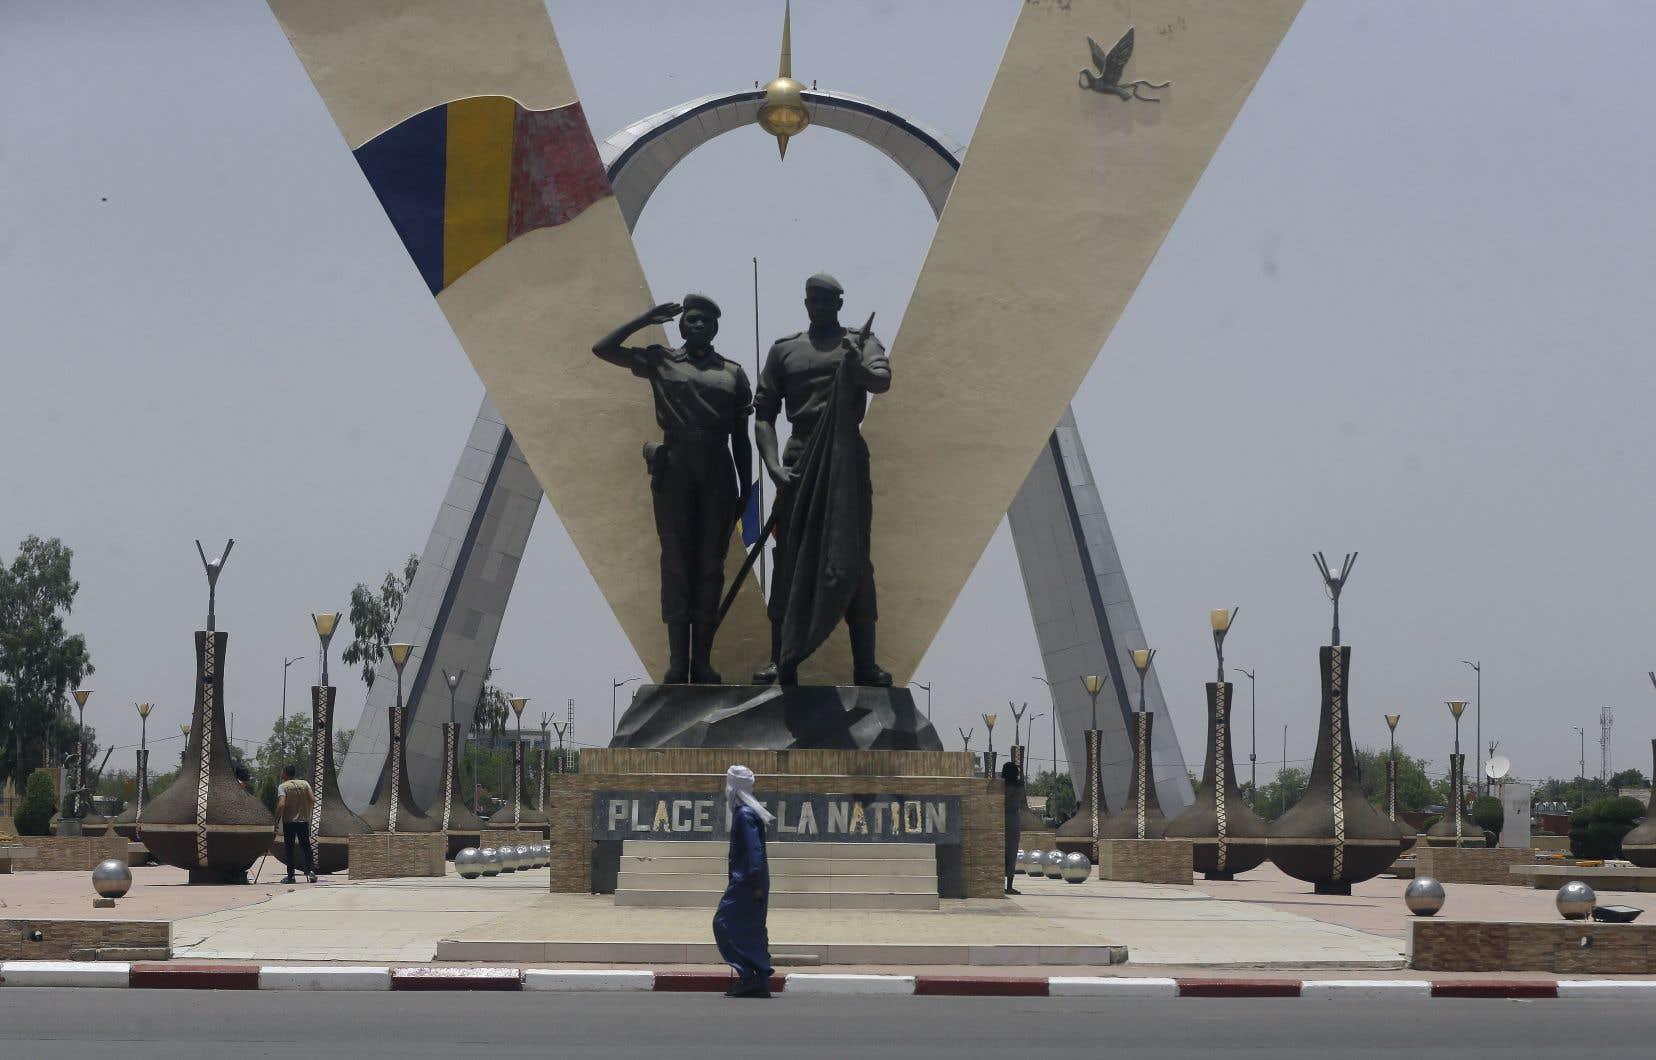 L'armée a annoncé le 20avril que le président Idriss Déby Itno avait été touché mortellement, alors qu'il visitait des troupes qui combattaient les rebelles au nord de la capitale. Les circonstances exactes de sa mort demeurent toutefois nébuleuses.